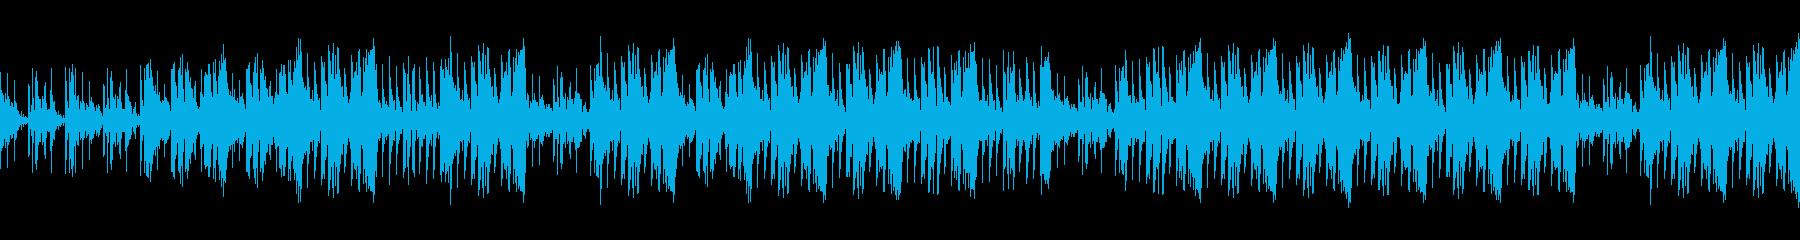 映画音楽緊迫感壮大パーカッションリズムの再生済みの波形